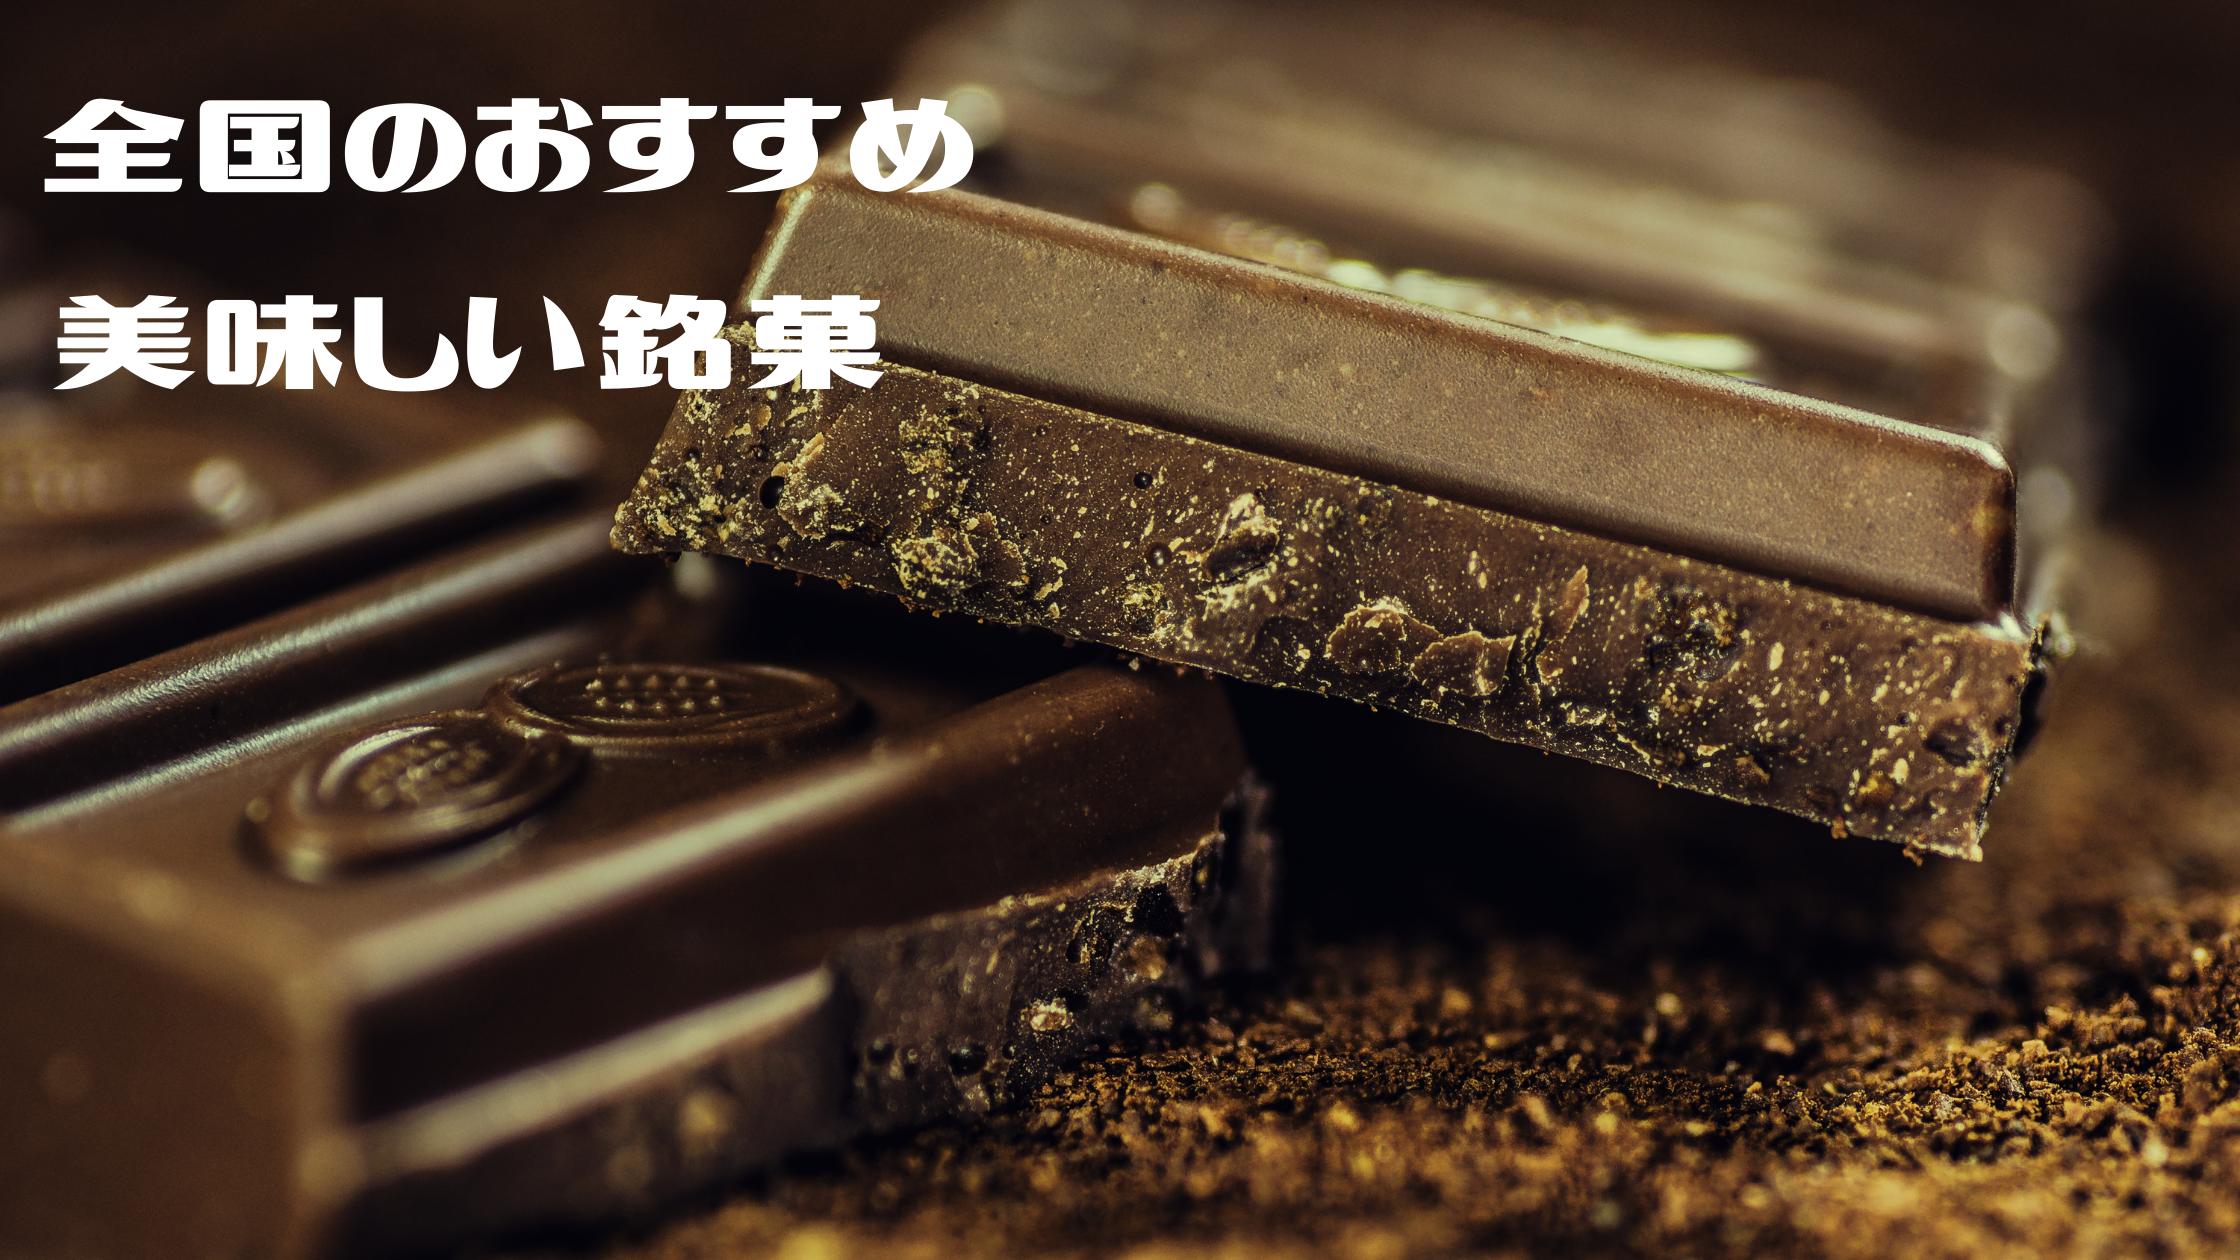 【ヒルナンデス】『大阪名物』『兵庫県のお菓子』『熊本県のお菓子』全国の銘菓が激売れ